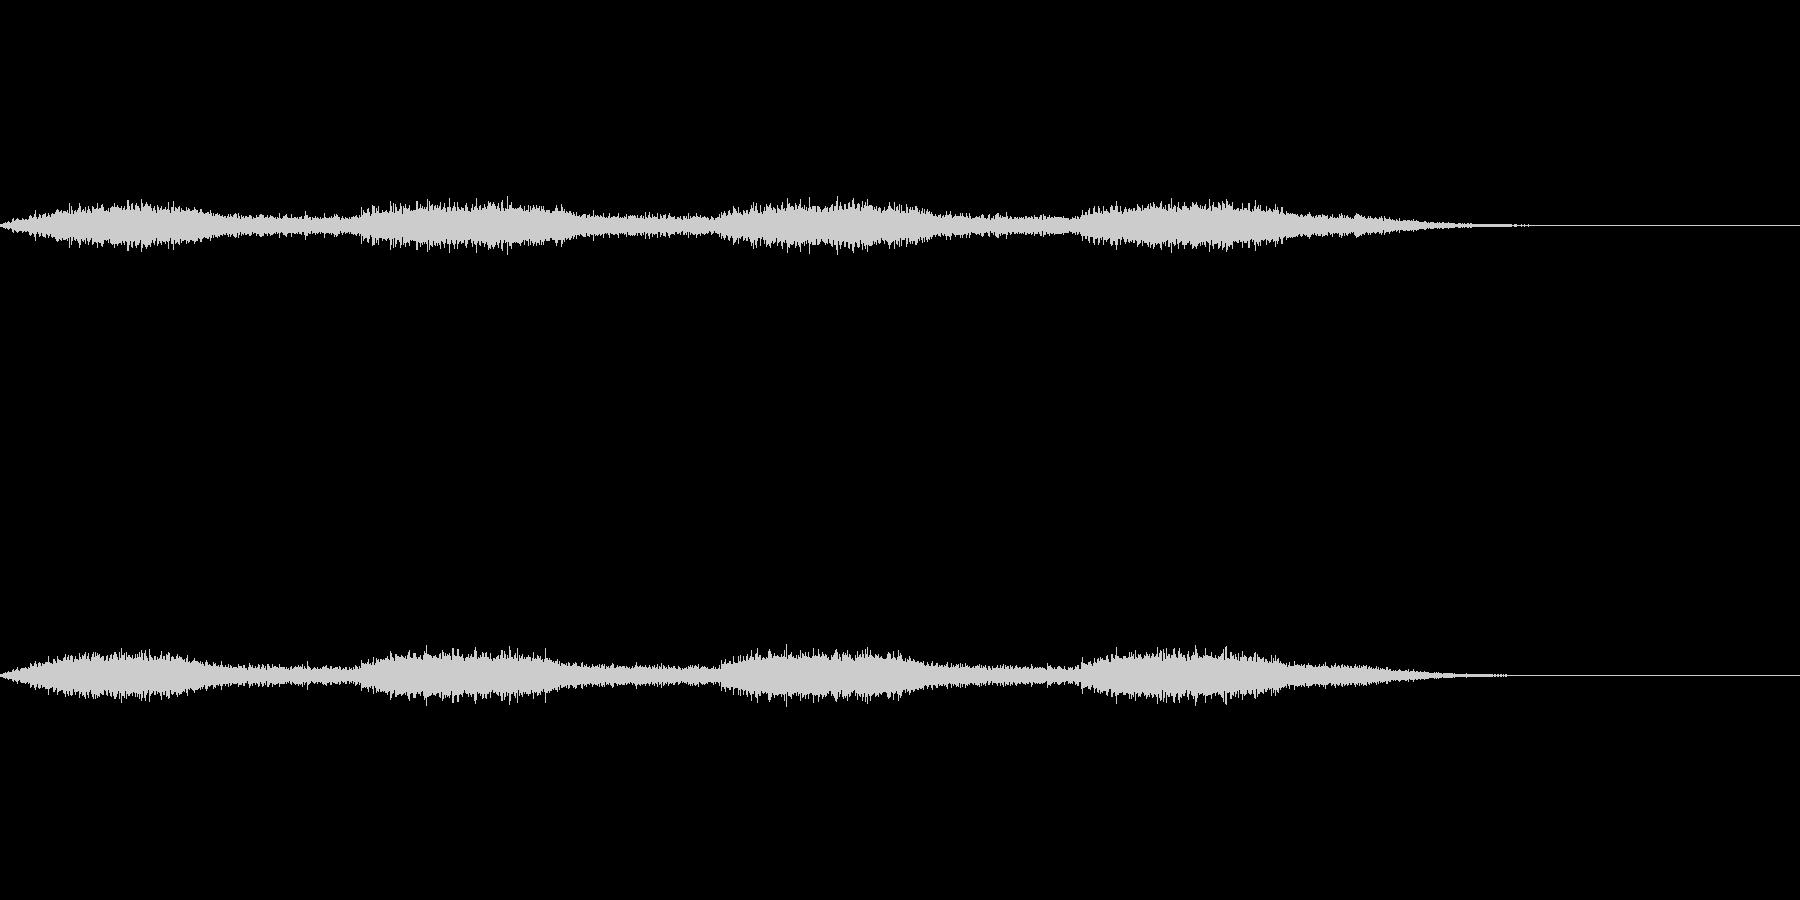 生物的な印象のあるダークサウンドの未再生の波形